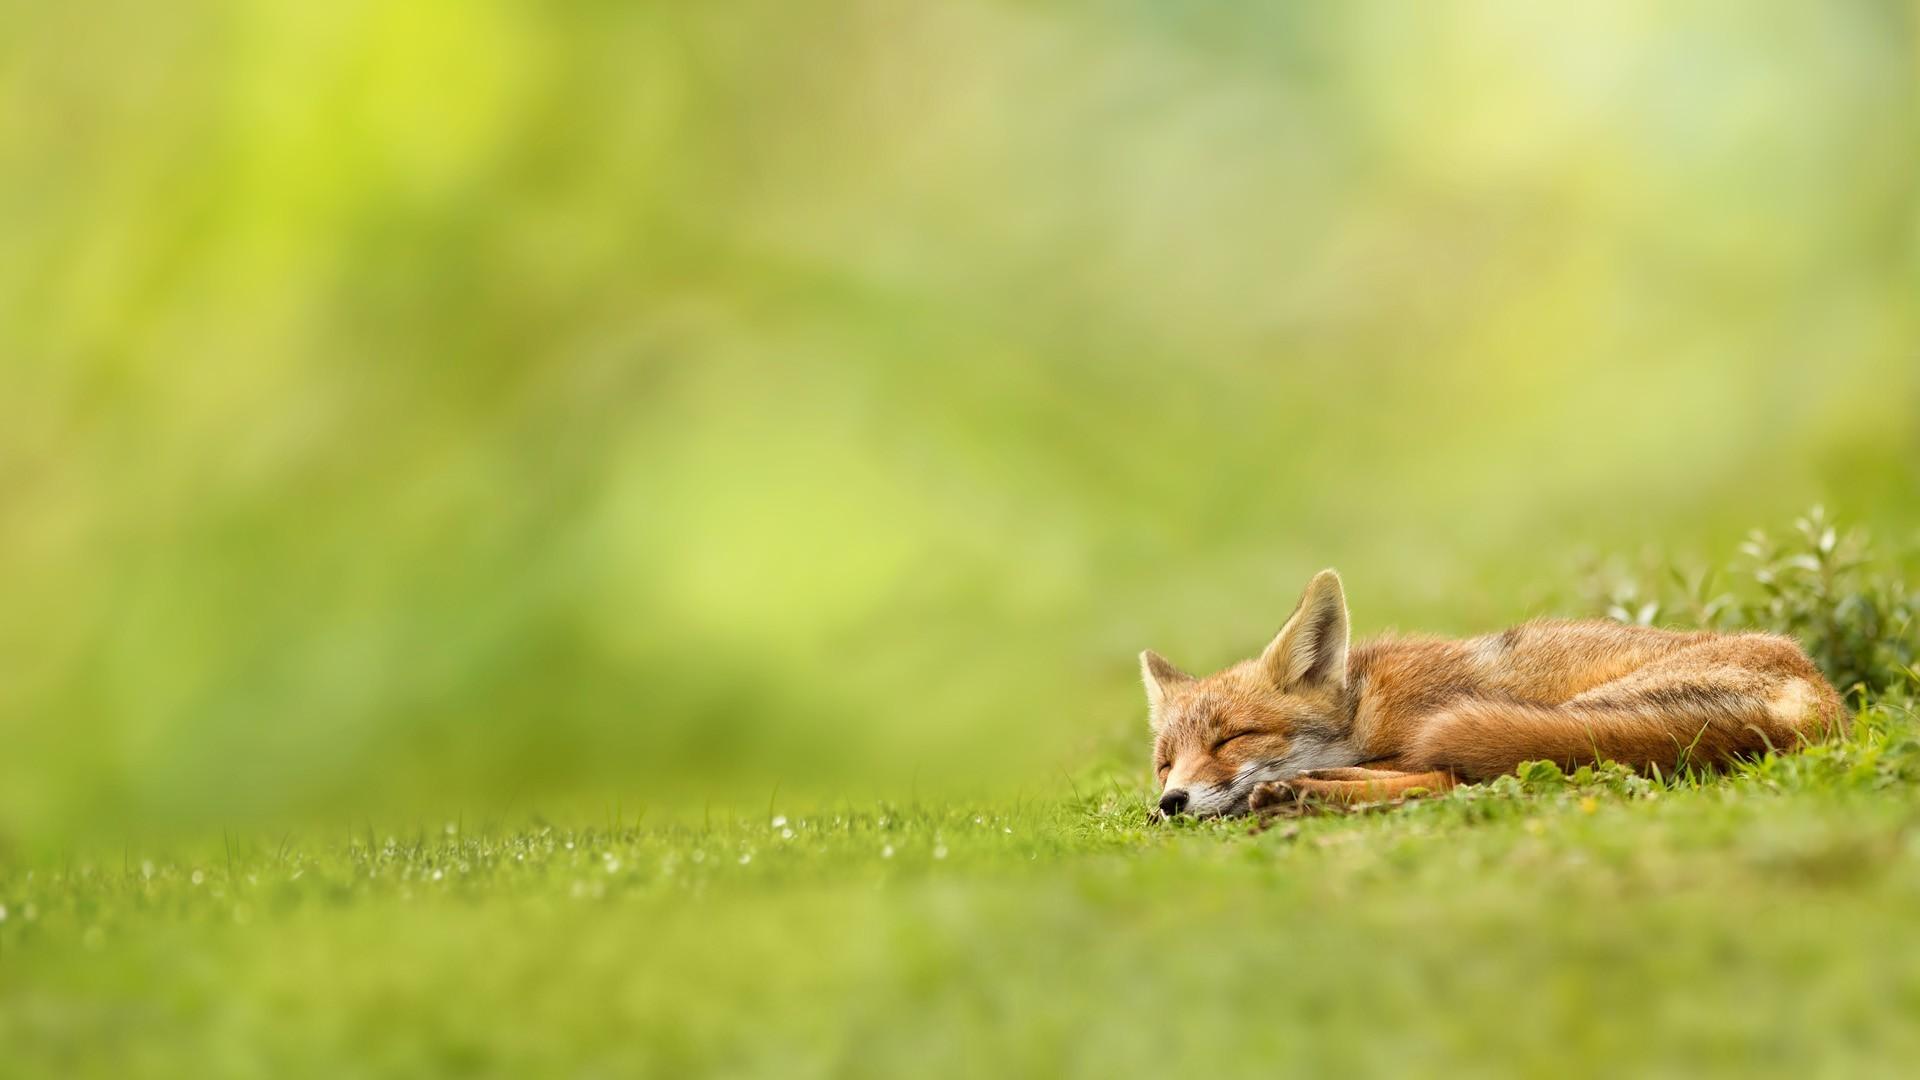 Зверек в траве без смс